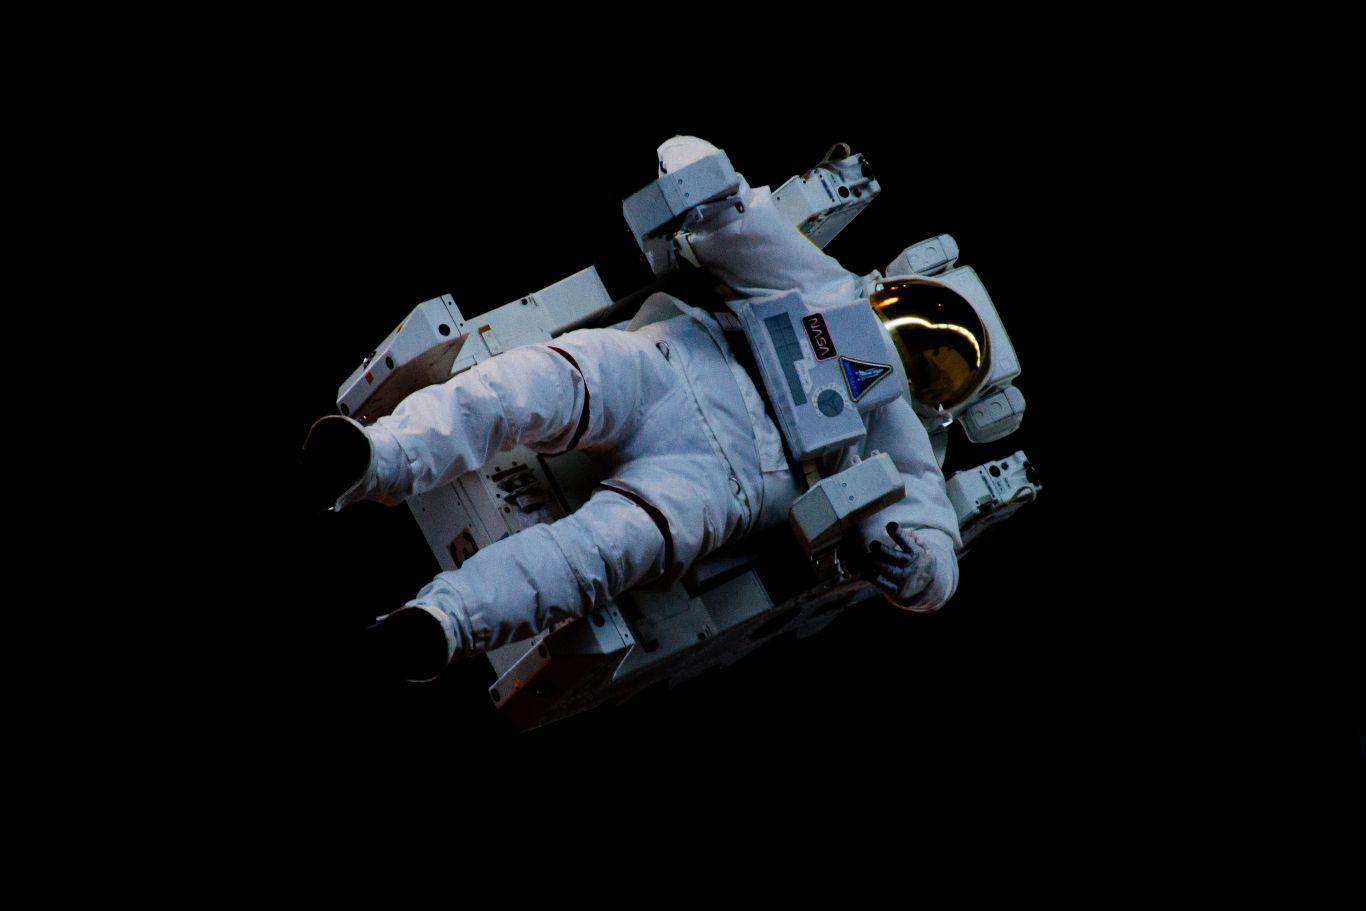 elevador espacial 2